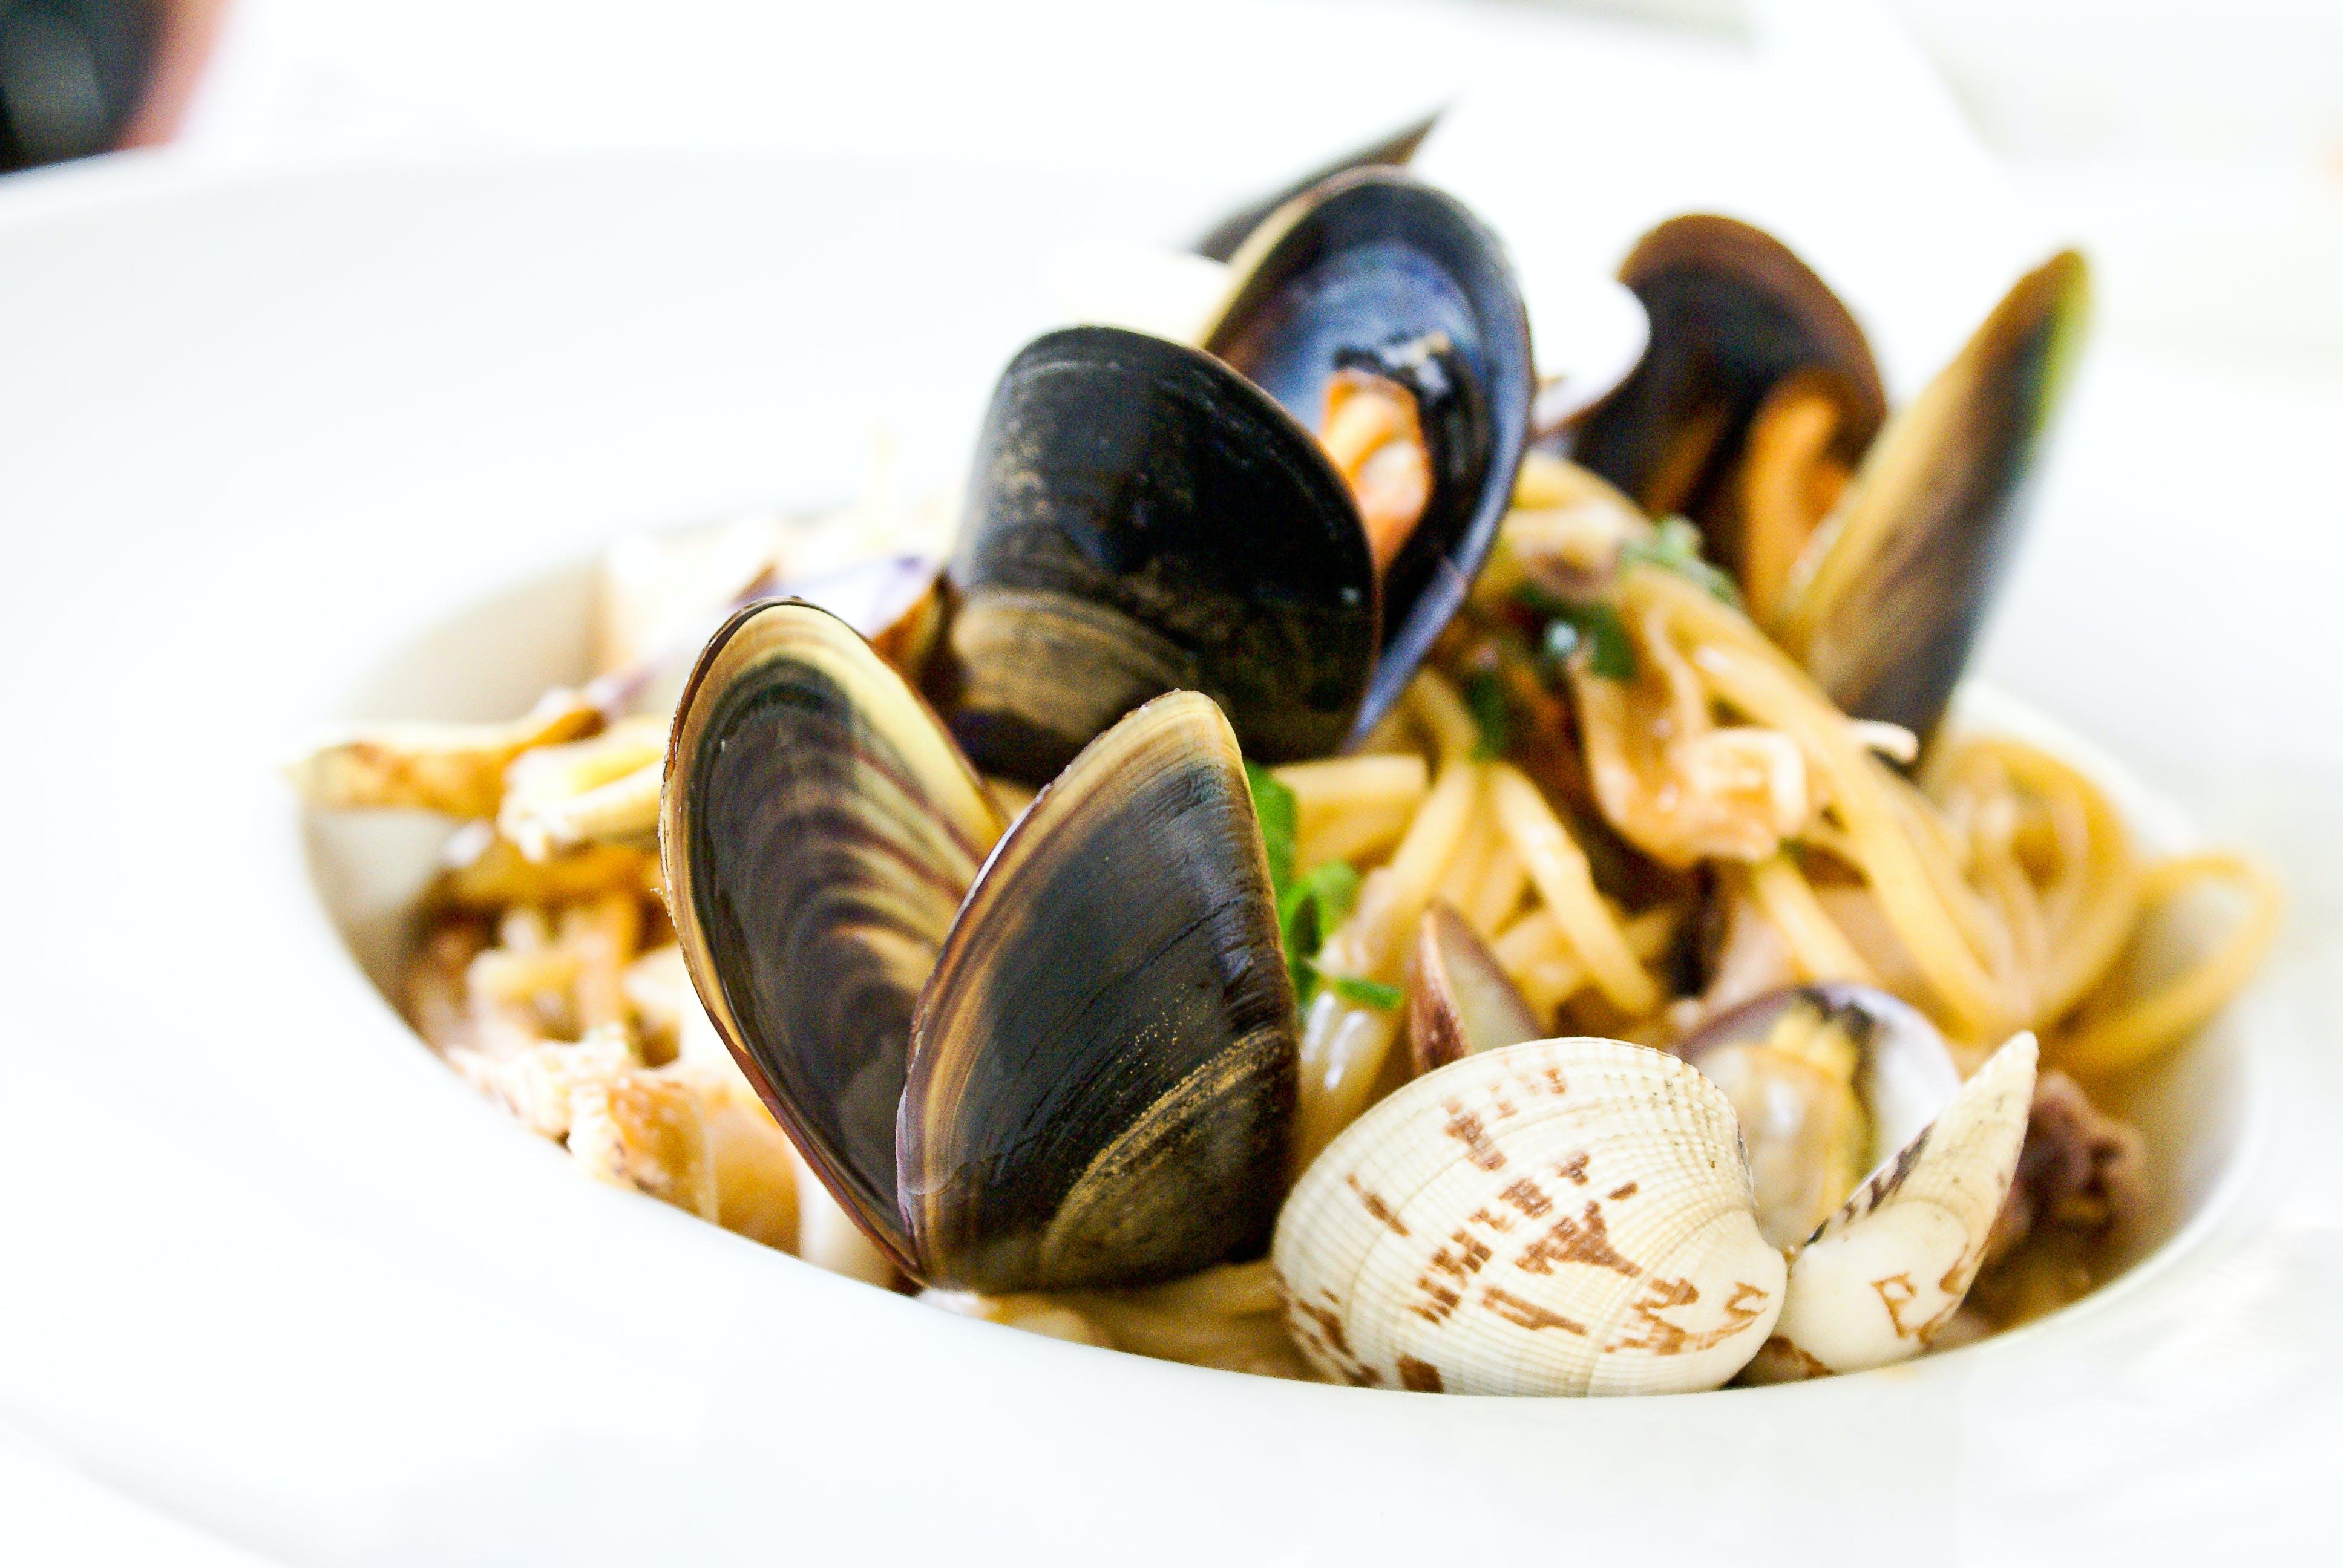 คลังภาพถ่ายฟรี ของ spaghetti allo scoglio, การถ่ายภาพอาหาร, ครัสเตเชียน, จาน